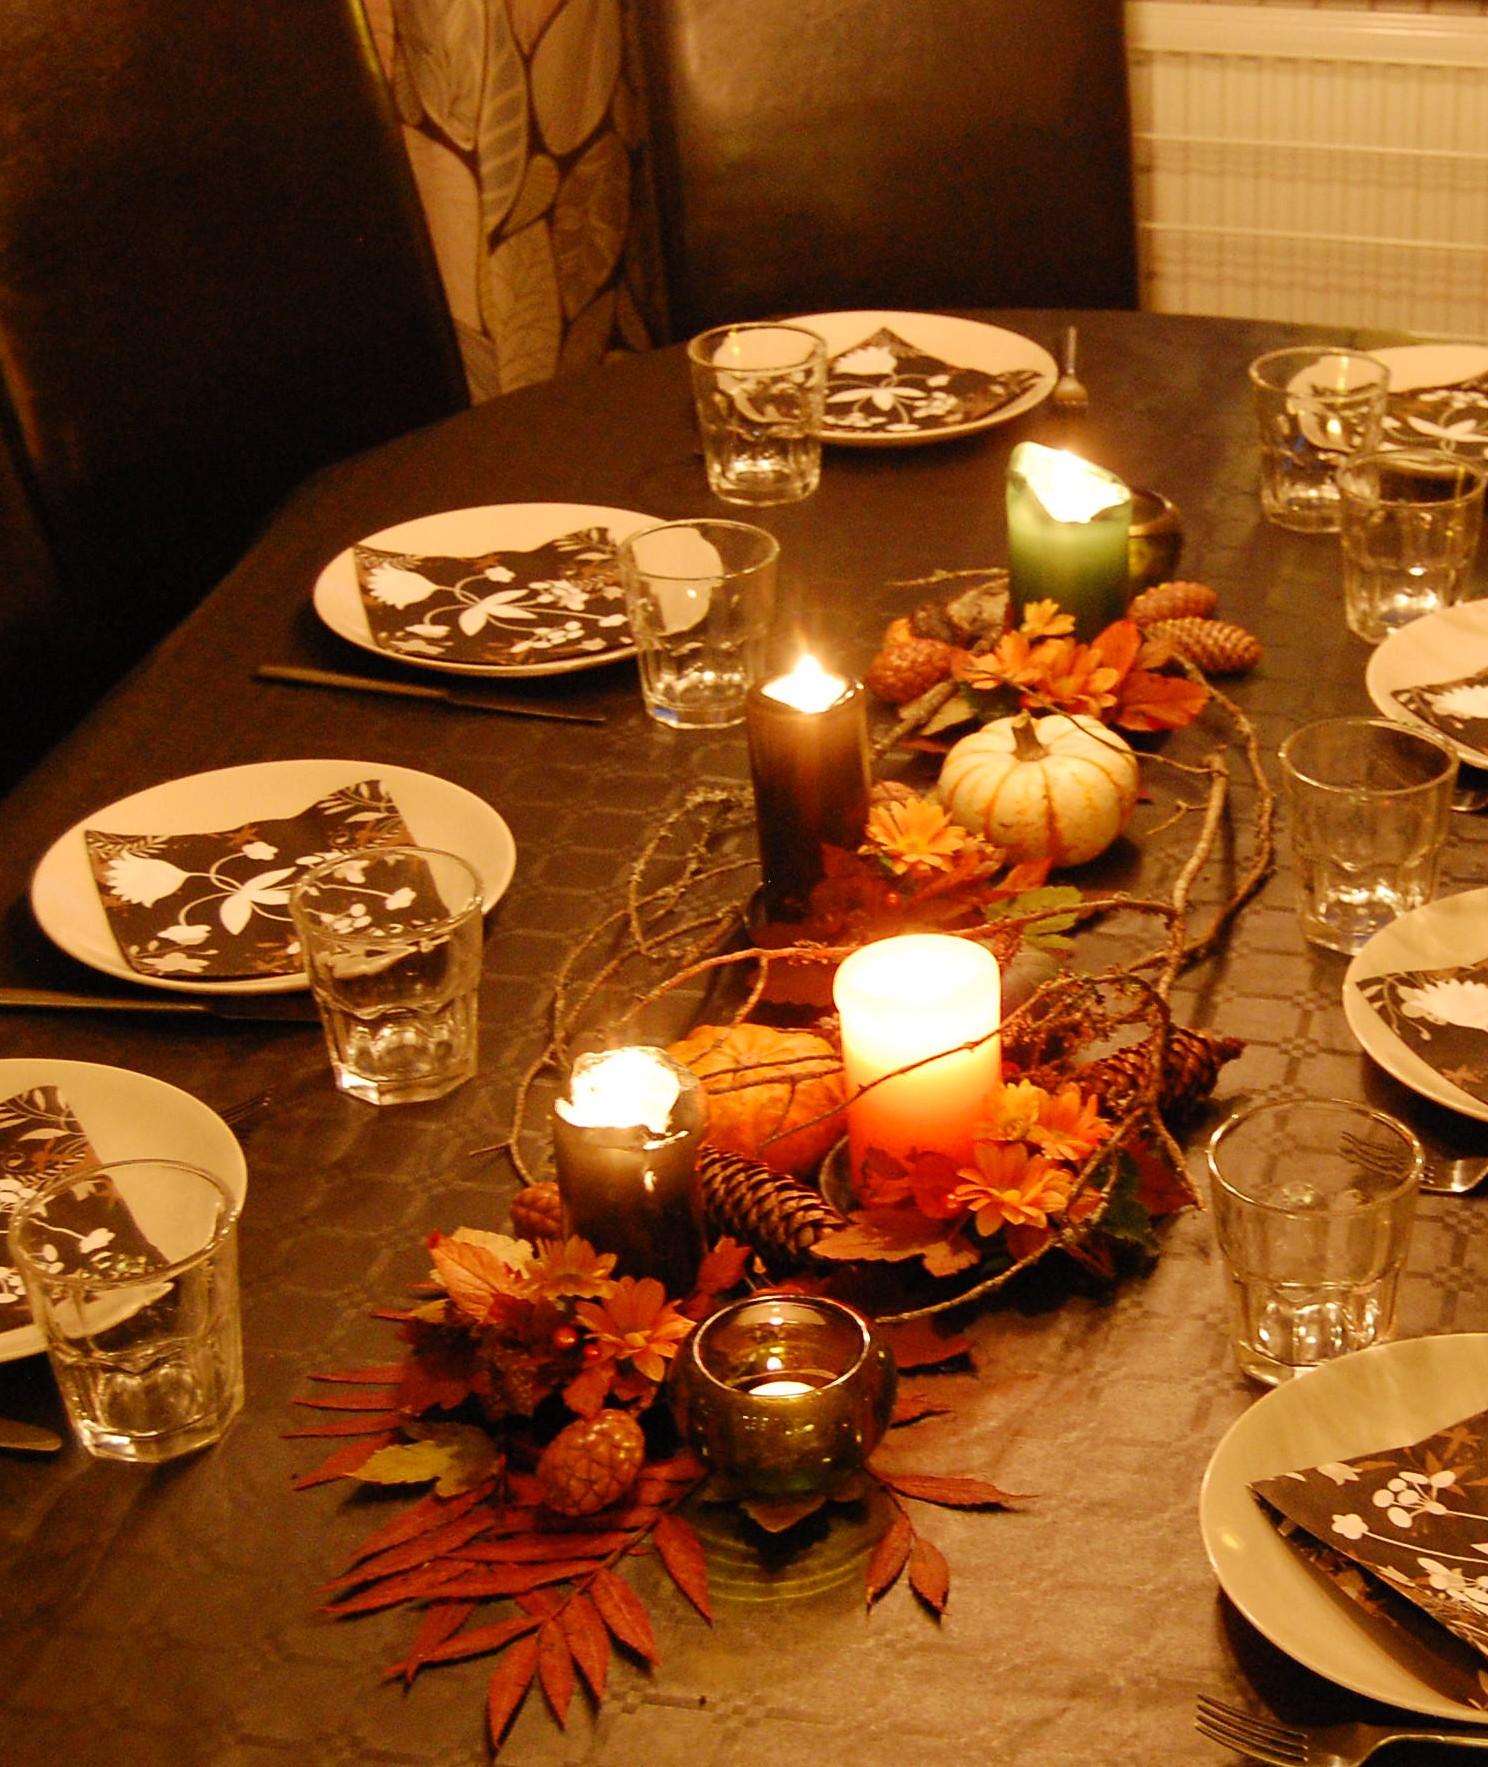 Bordsdekoration till h stens stora fest - Winterliche dekoration ...